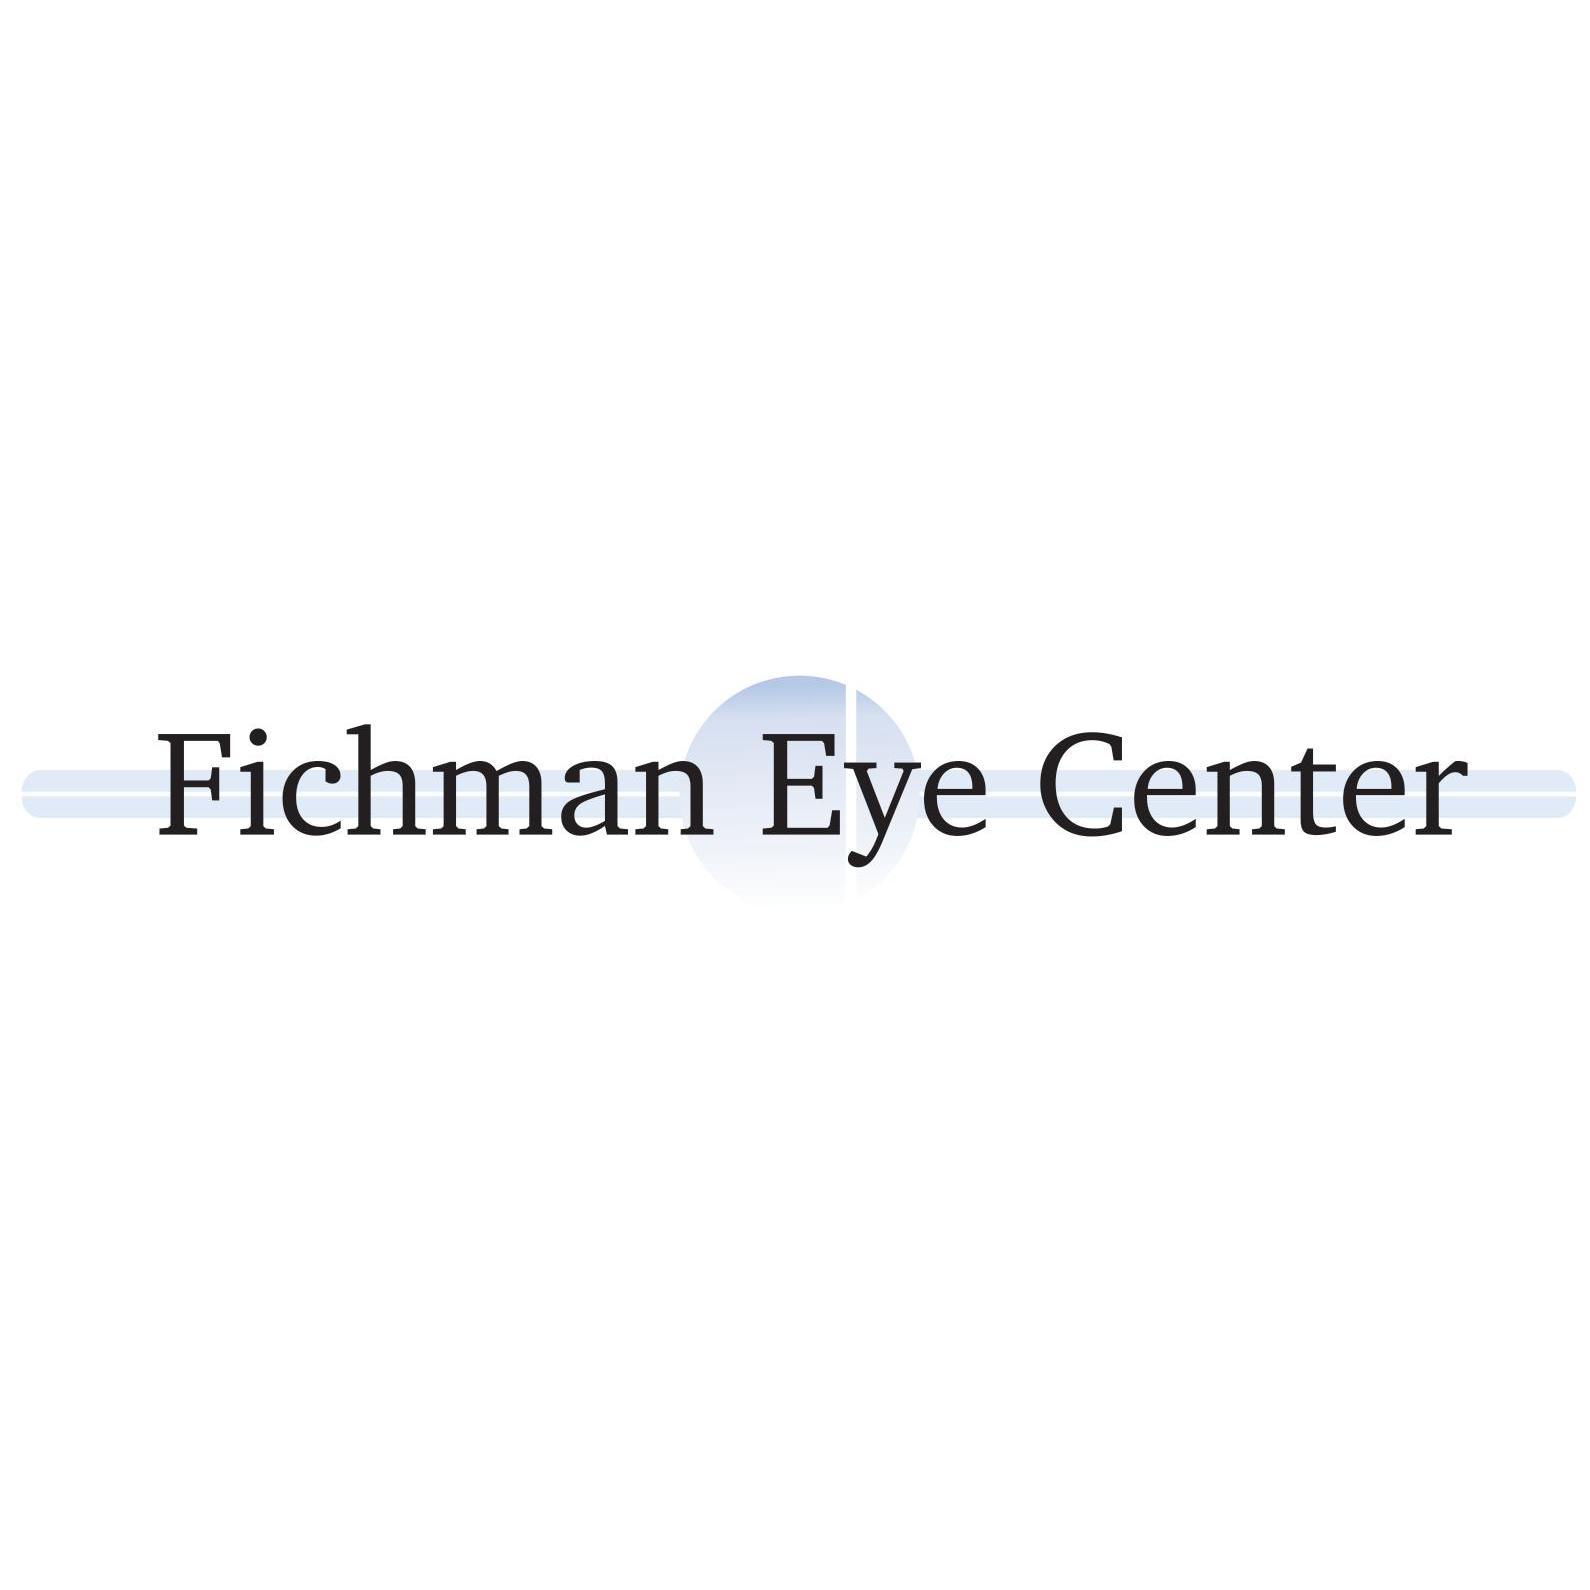 Fichman Eye Center